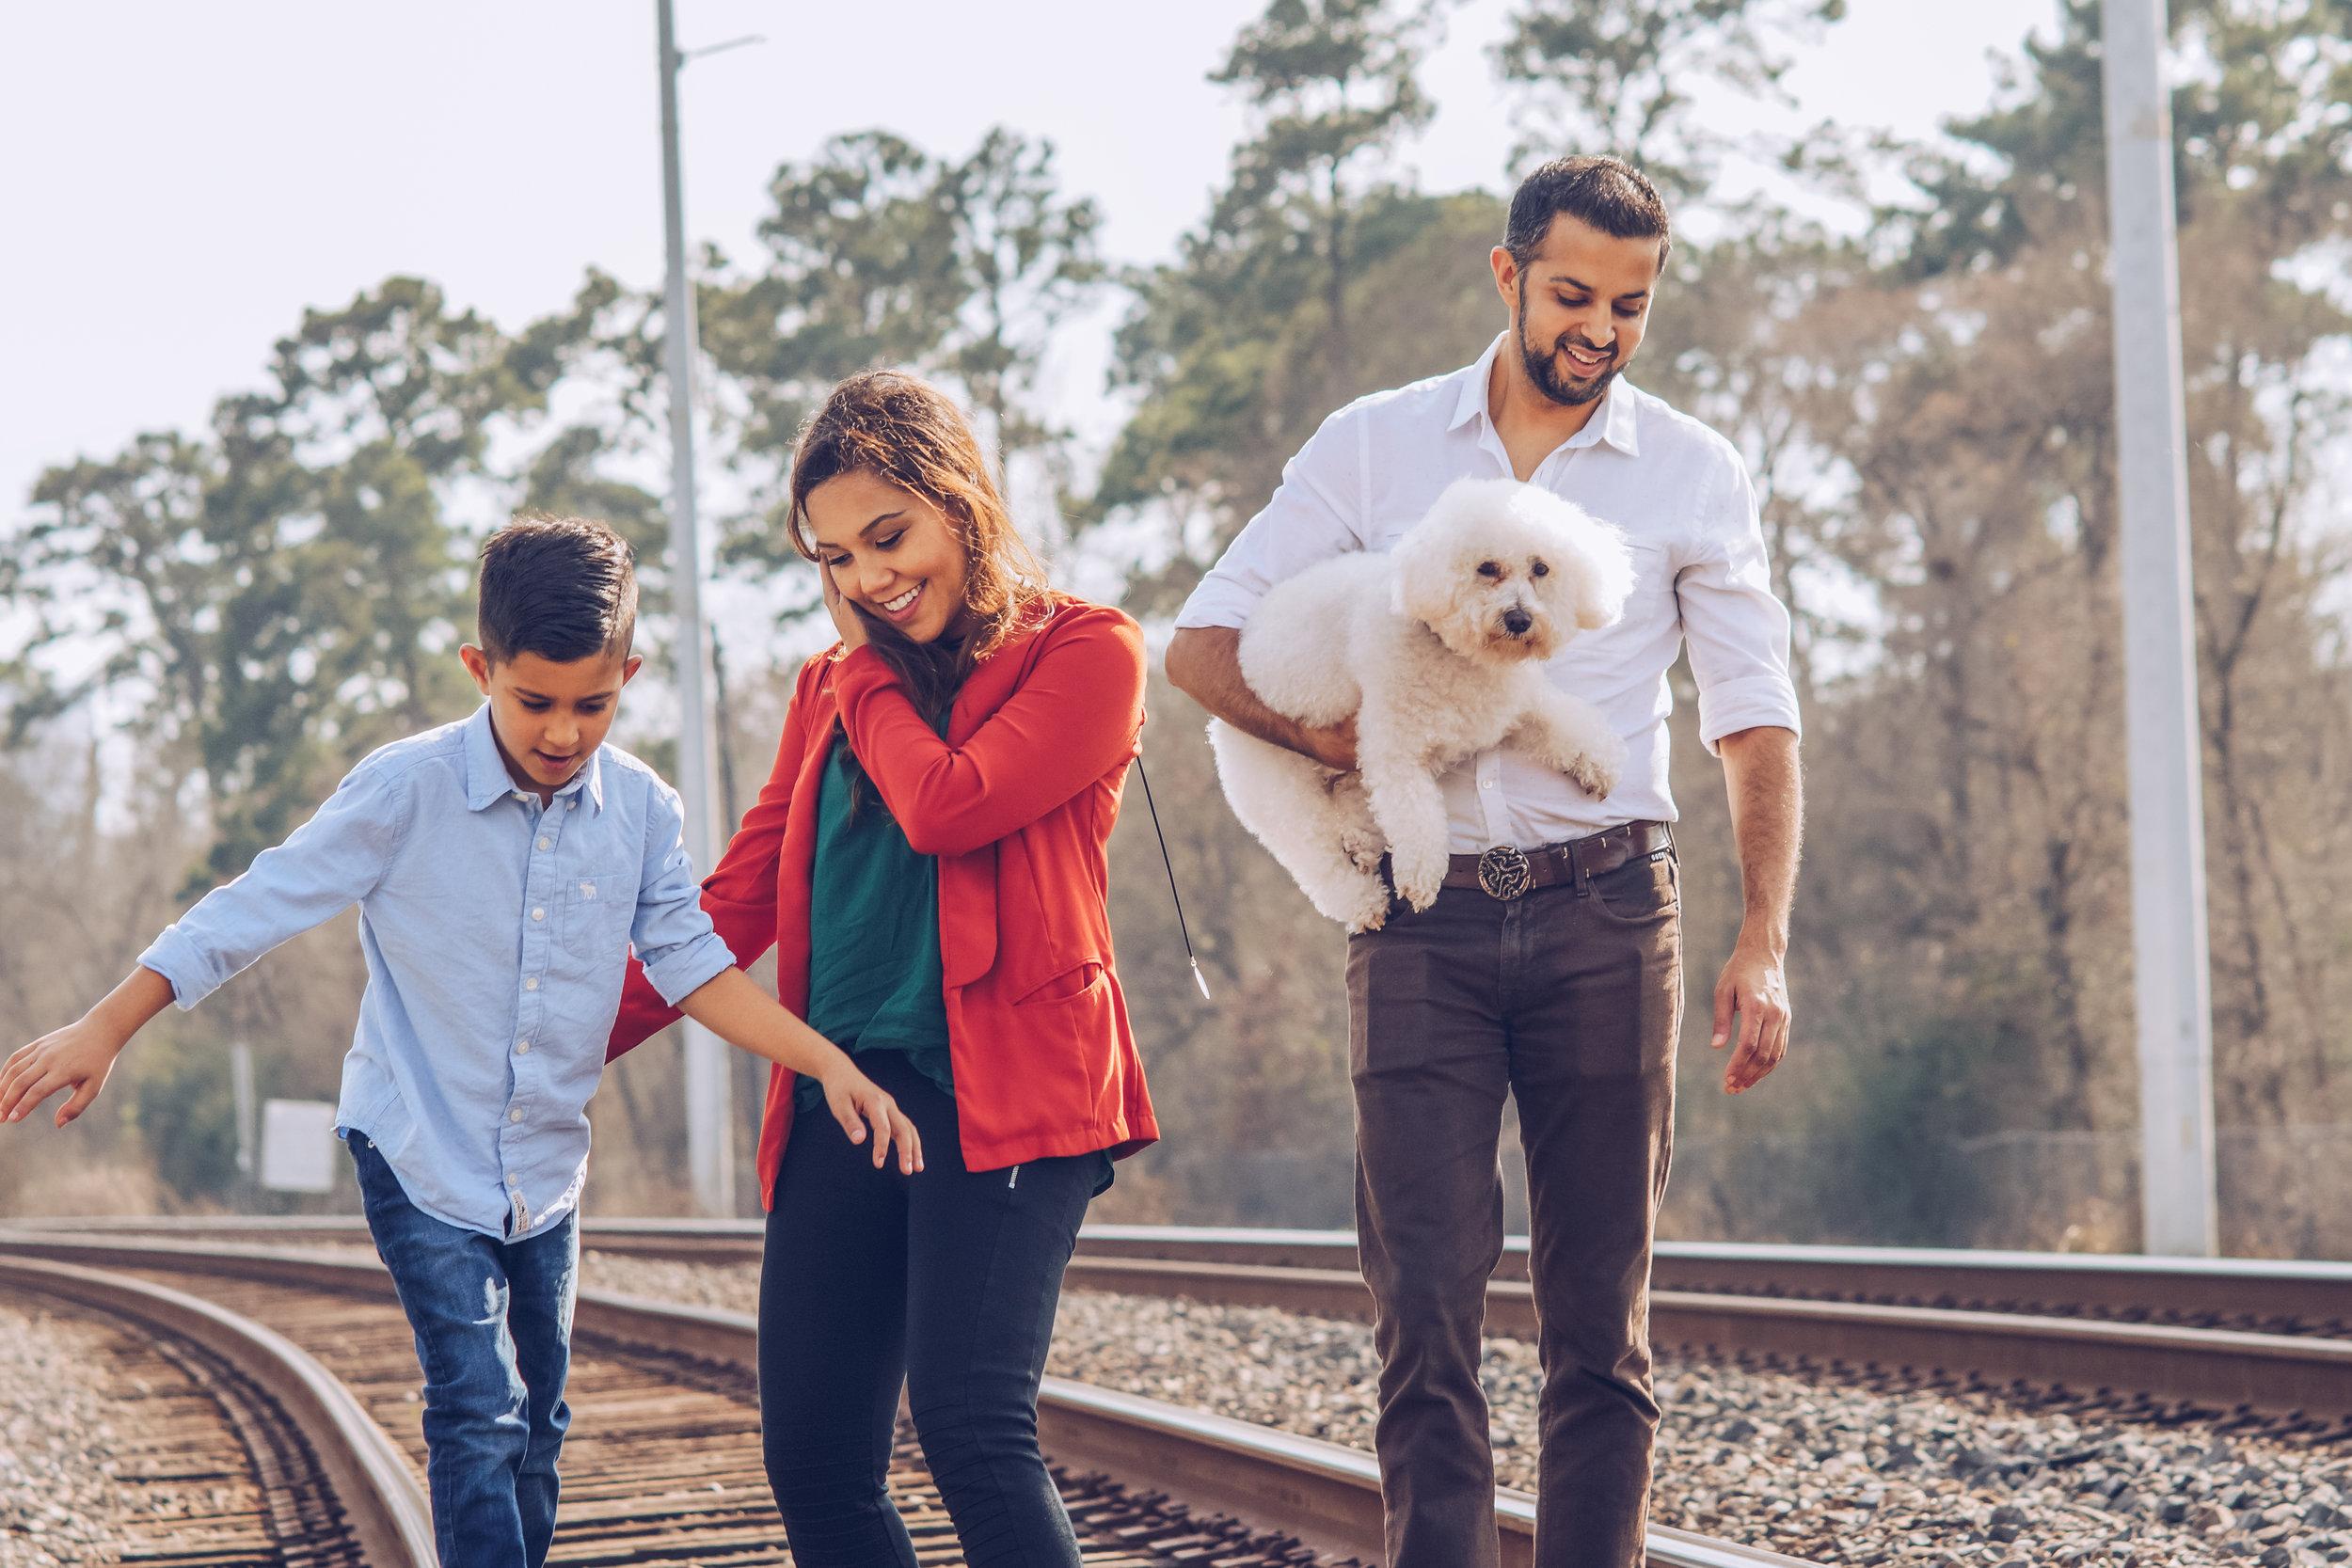 Muslim family at play